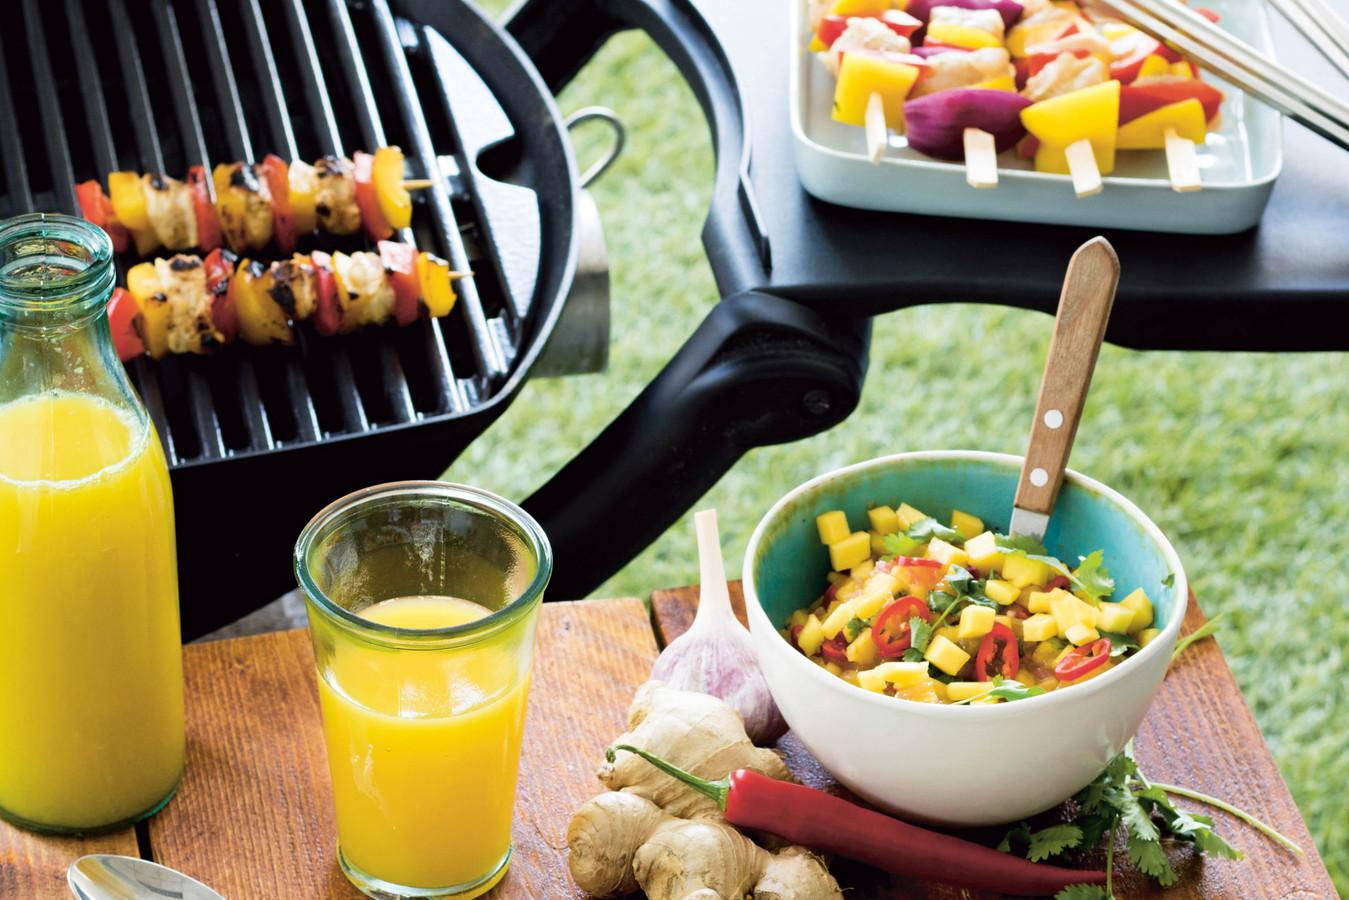 Regenboog-groentespiezen van de barbecue.